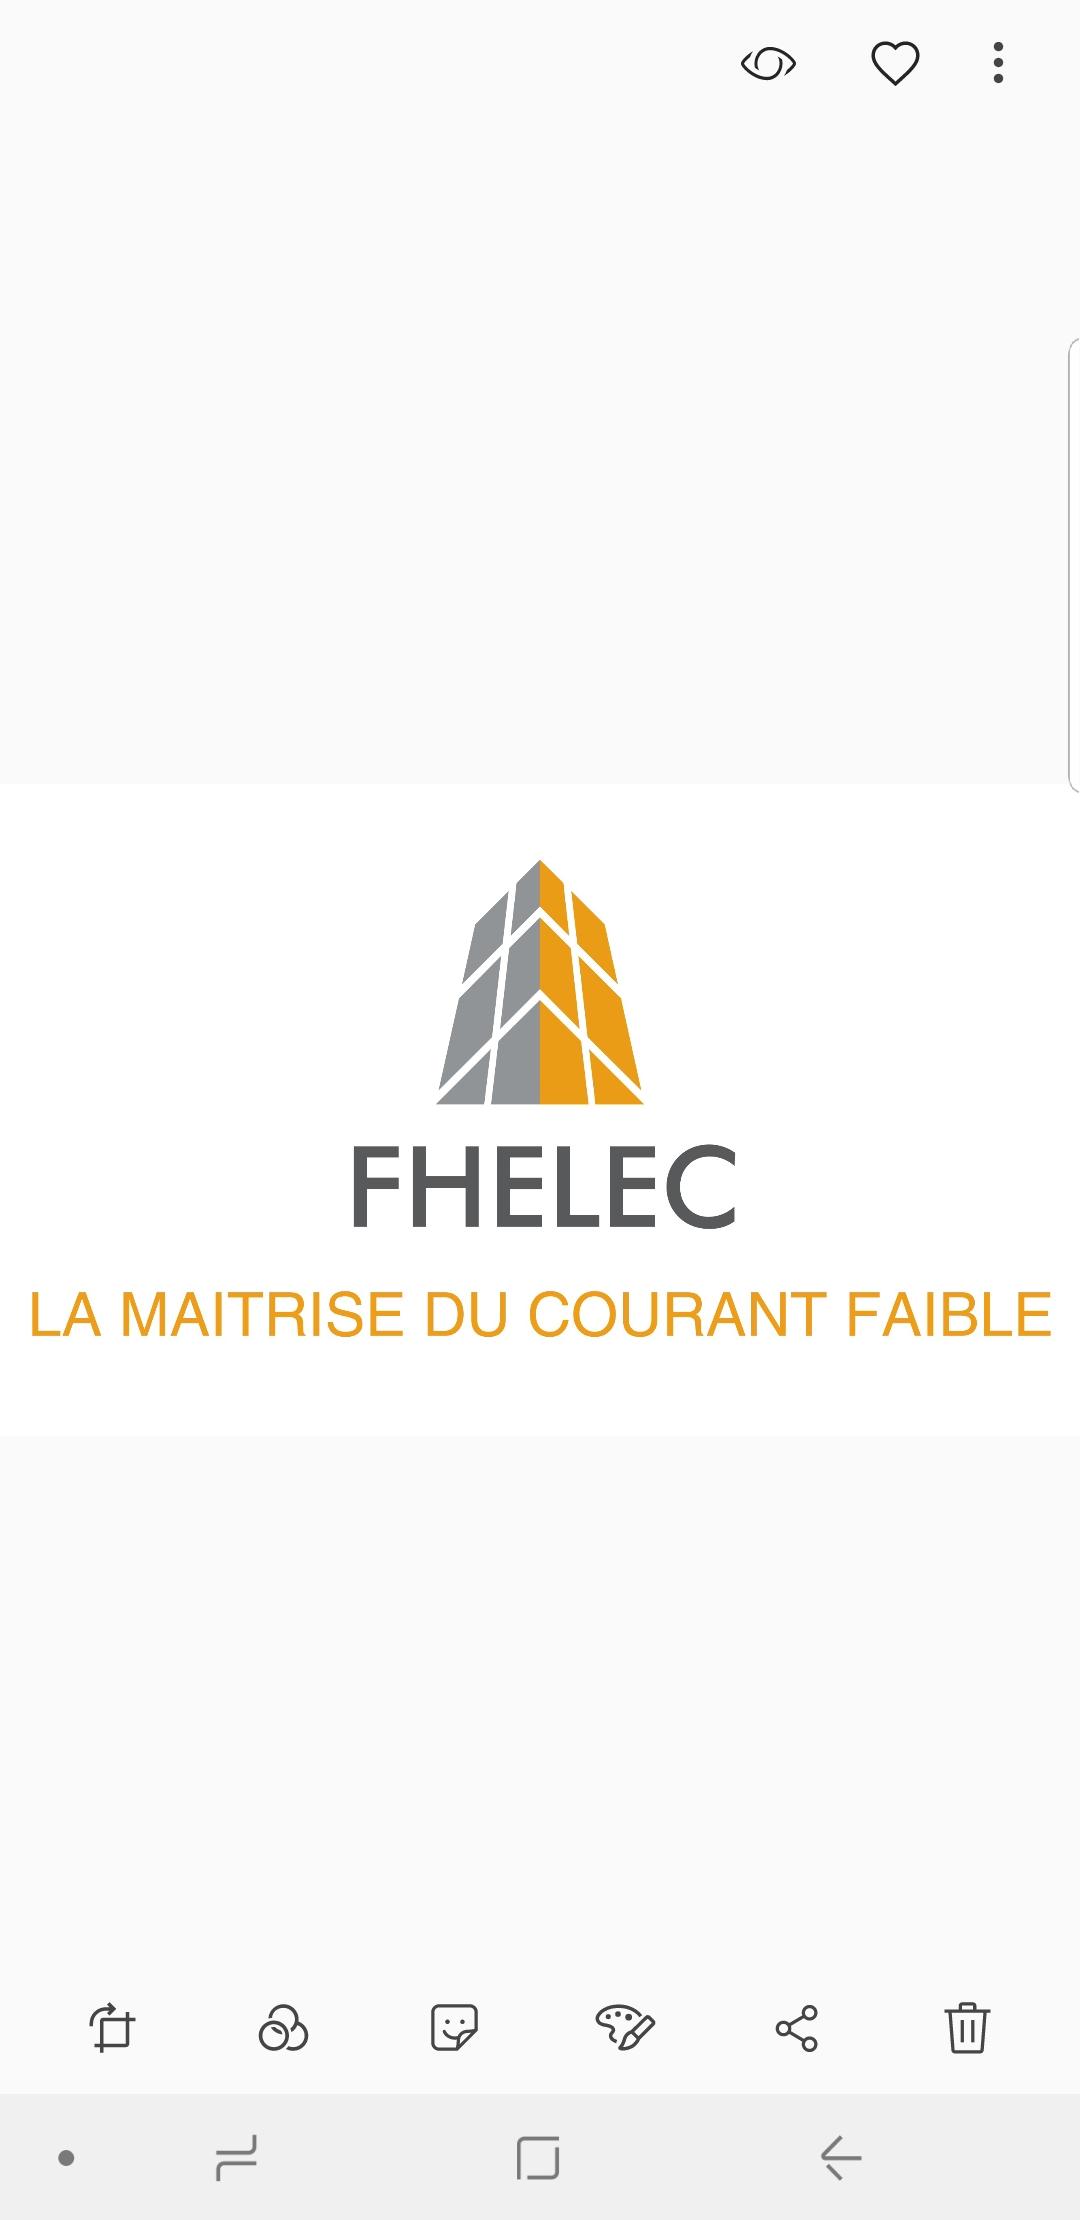 FHELEC